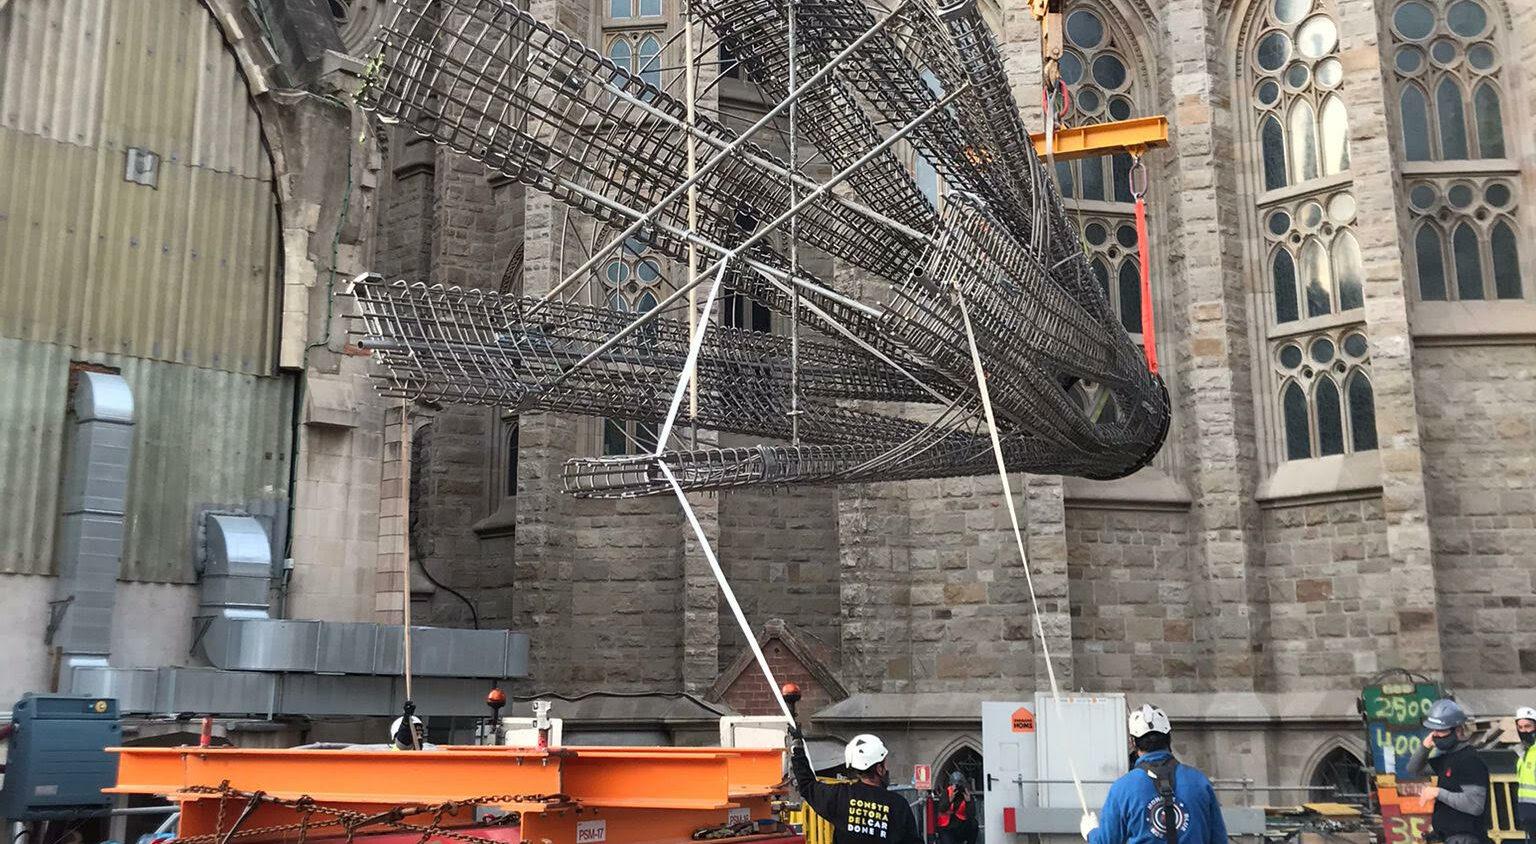 El temple de la Sagrada Família després de sis mesos d'aturada per la pandèmia / Sagrada Família